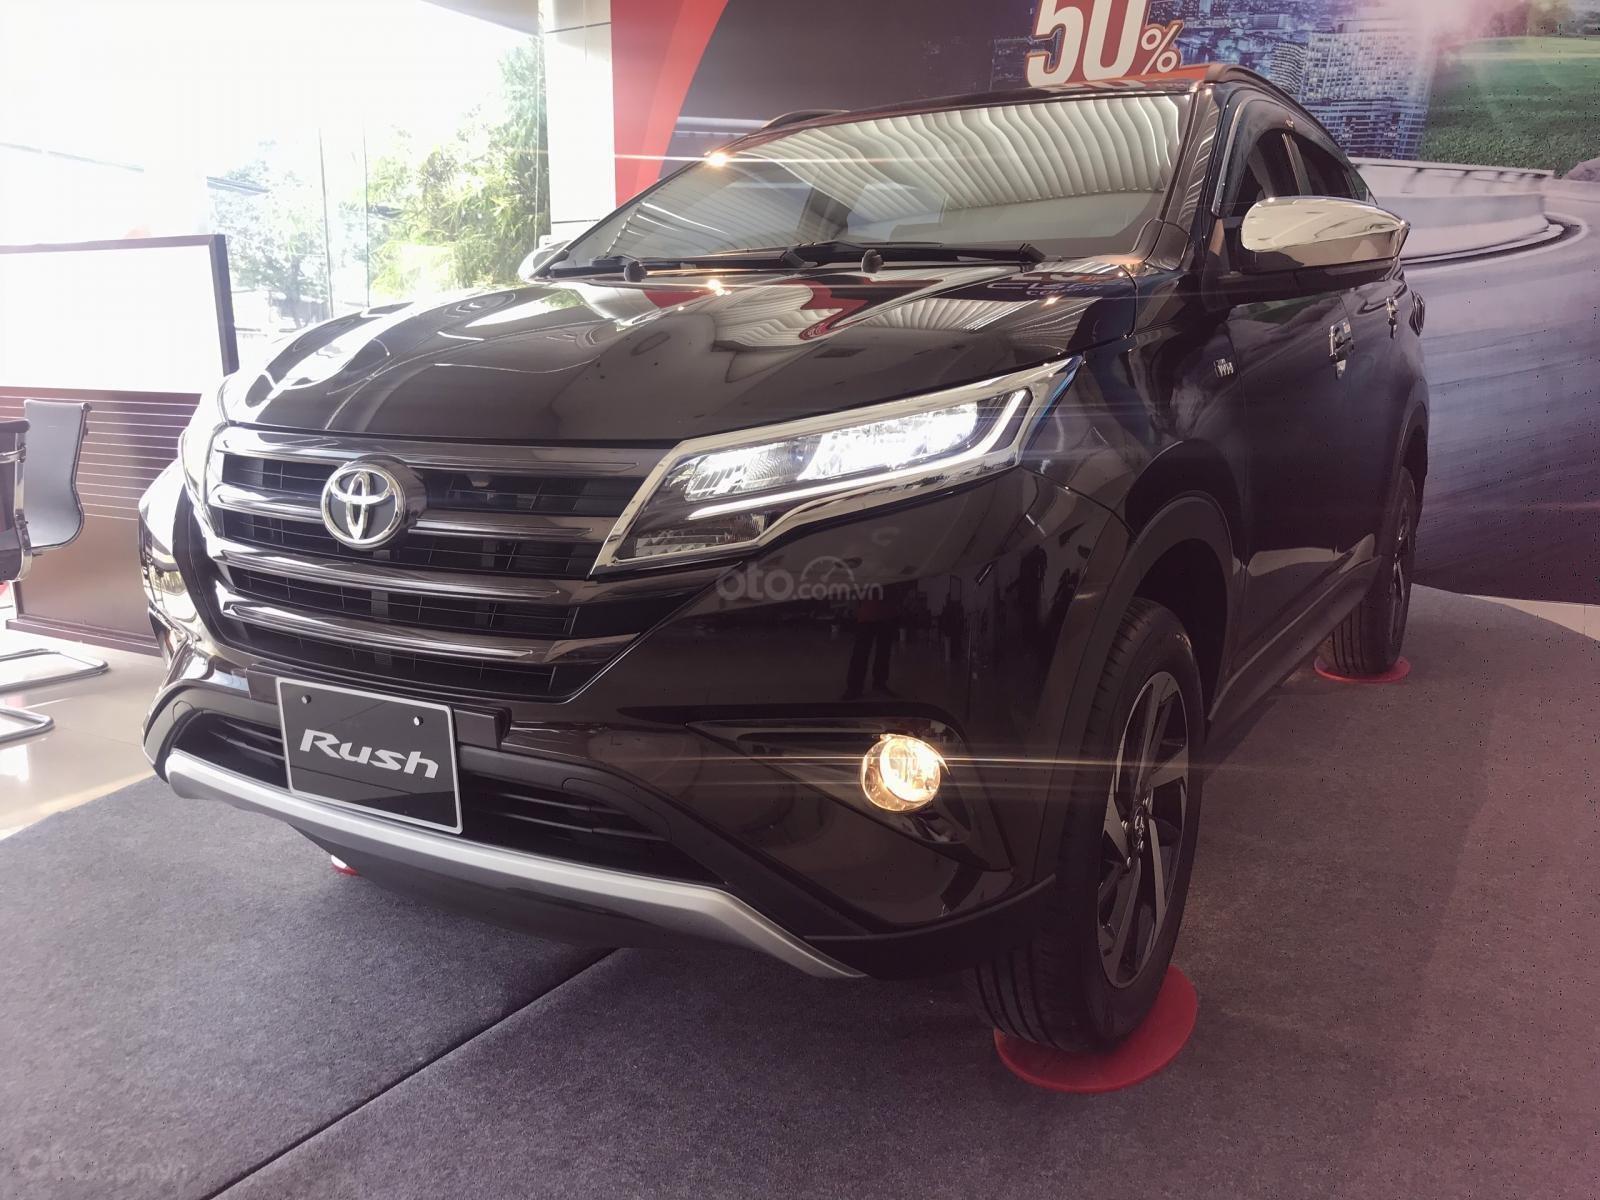 Toyota Rush nhập khẩu nguyên chiếc, khuyến mãi khủng tháng 9/2020, xe đủ màu giao ngay (5)